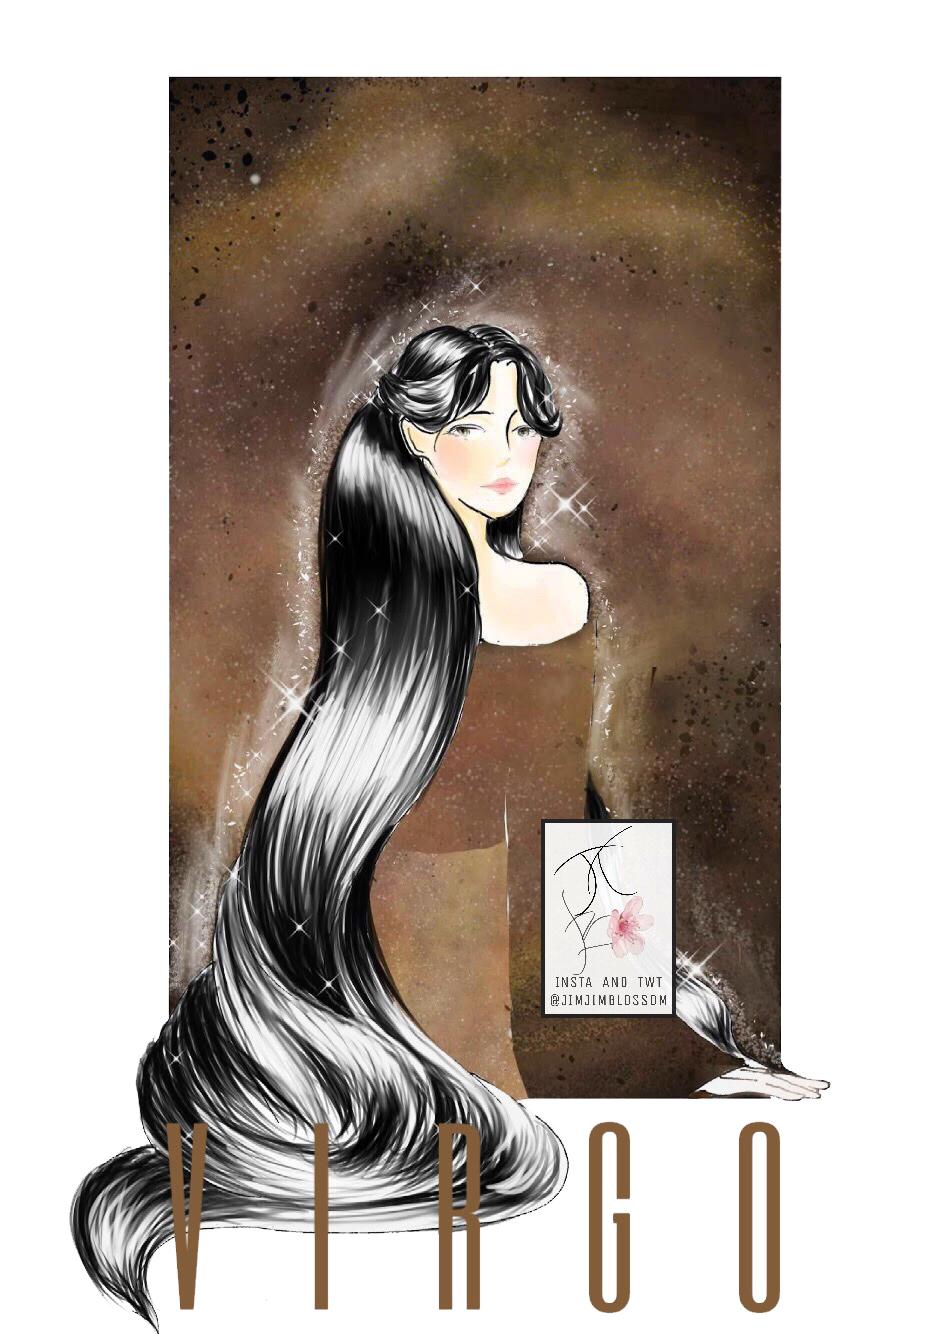 Cung hoàng đạo Xử Nữ qua hình tượng một cô gái tóc dài